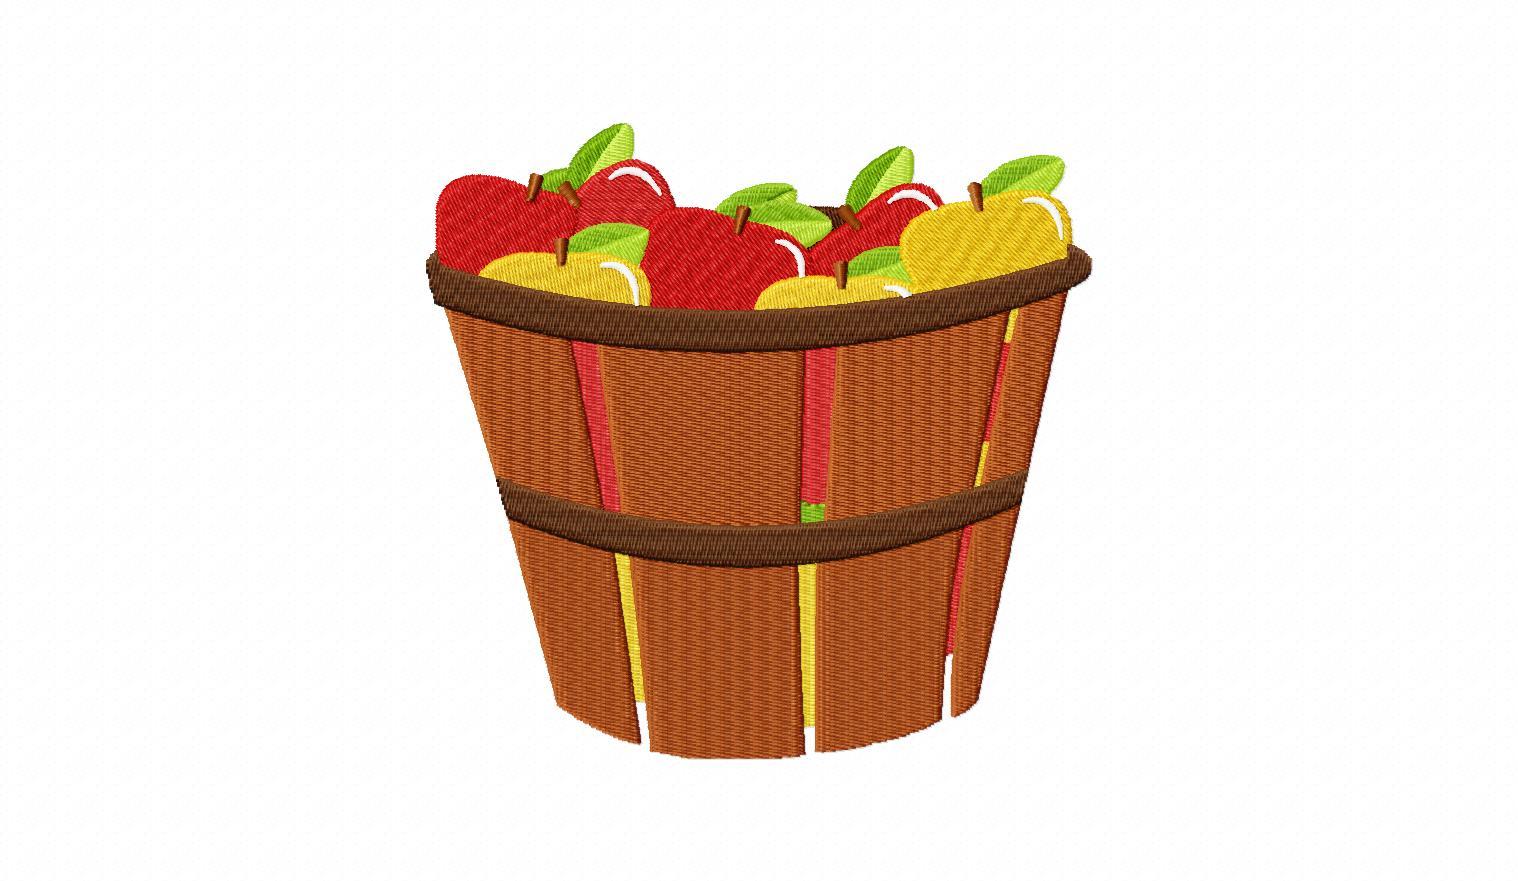 Bushel Of Apples Clipart.